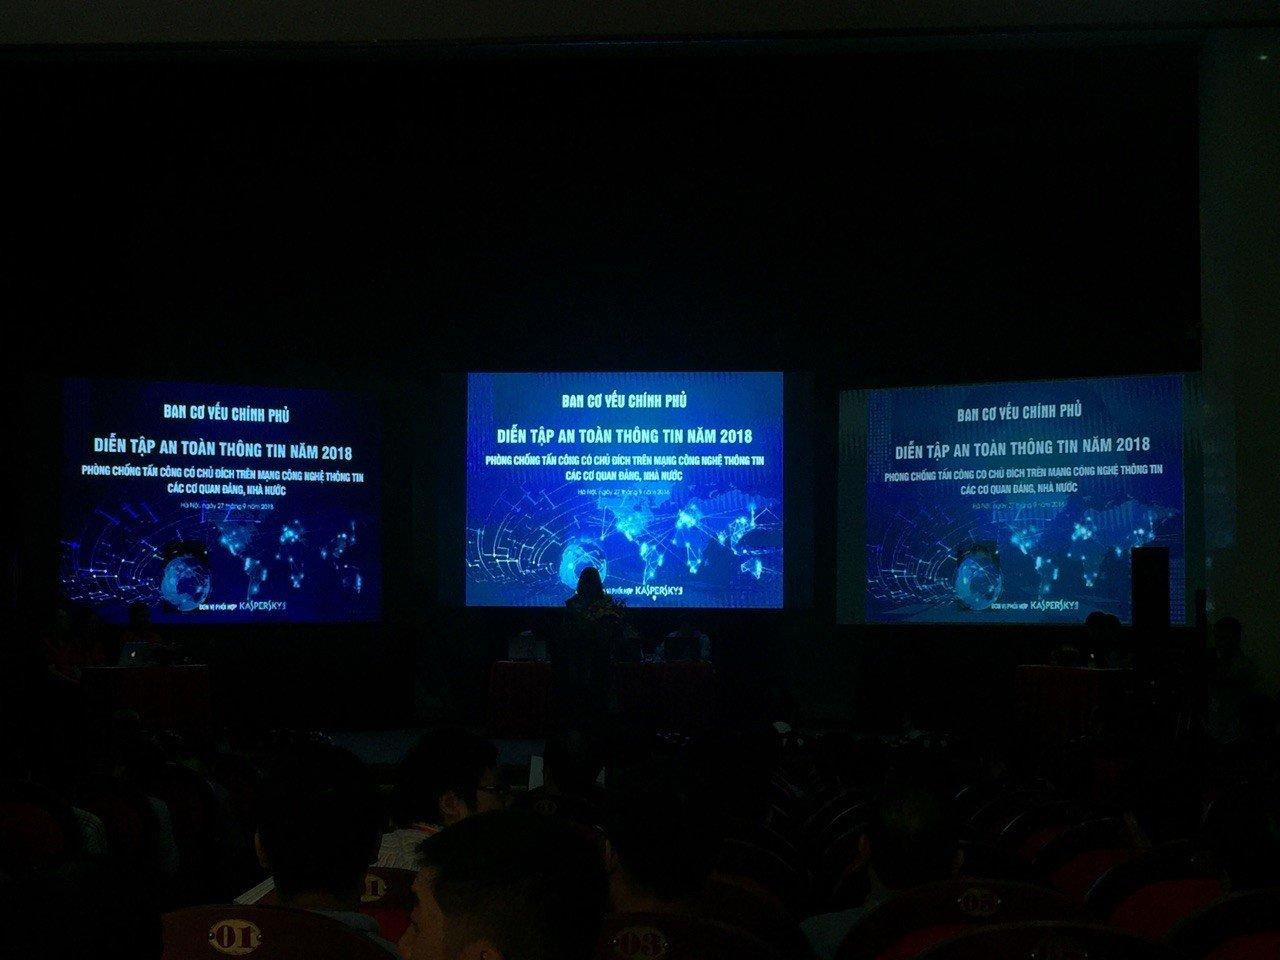 Kaspersky Lab cùng Ban Cơ yếu Chính phủ tổ chức Hội nghị diễn tập an toàn thông tin